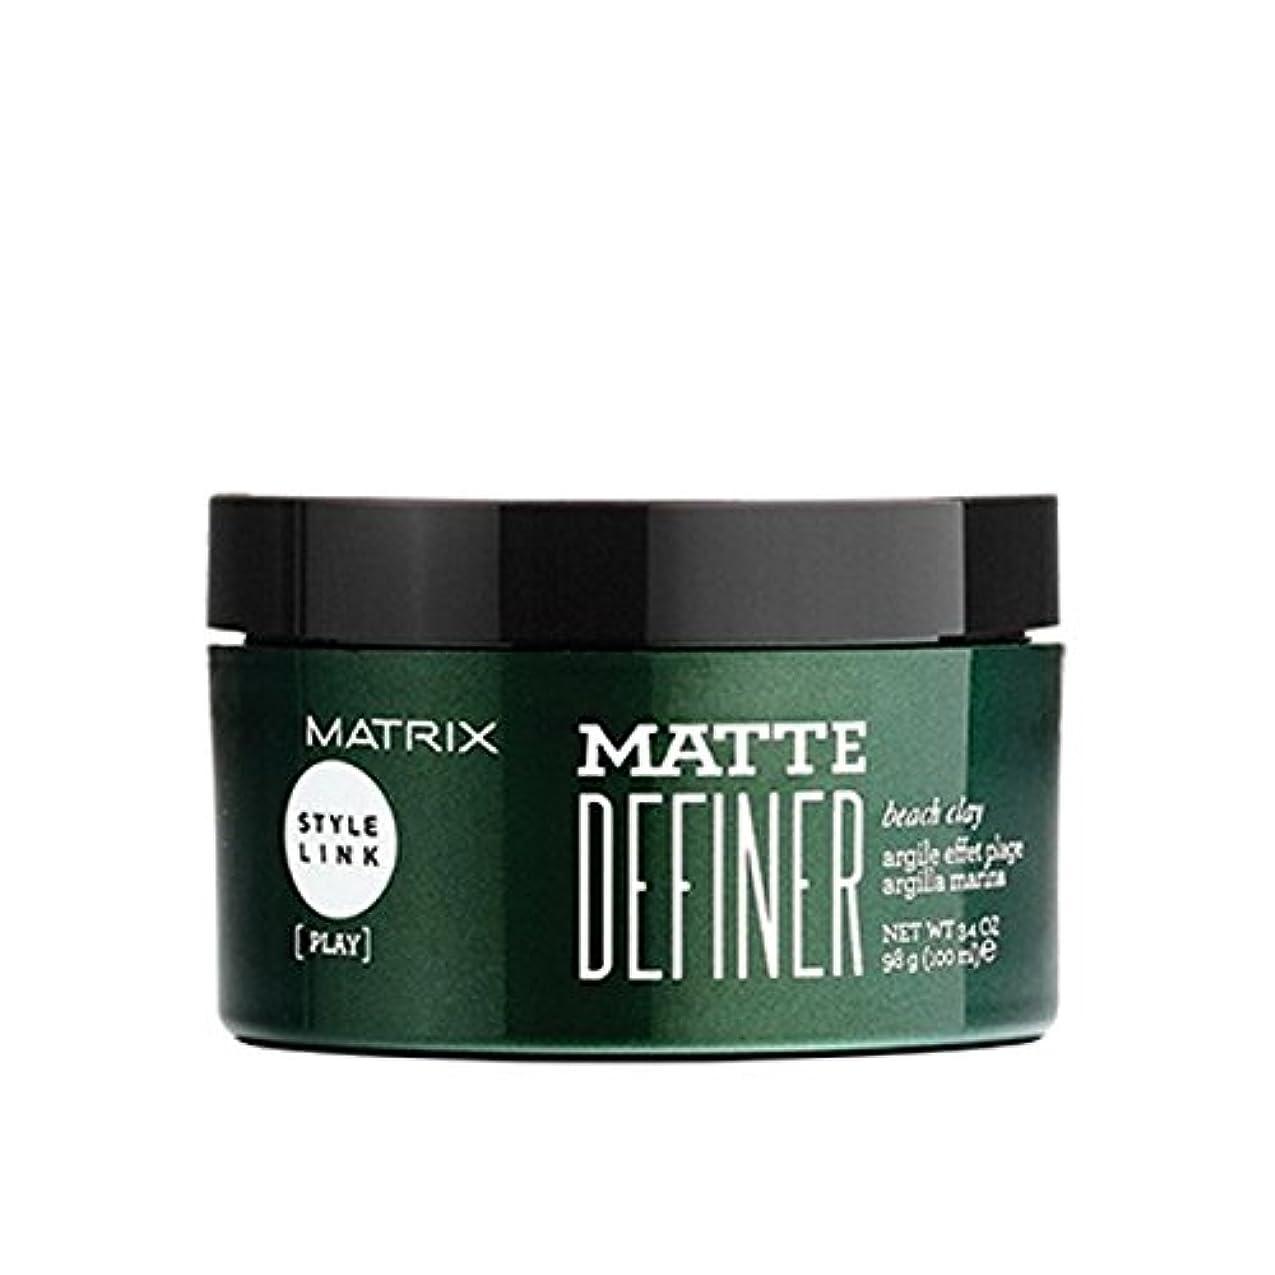 ライン渦しみマトリックスバイオレイジスタイルリンクマット定義ビーチ粘土 x2 - Matrix Biolage Style Link Matte Definer Beach Clay (Pack of 2) [並行輸入品]